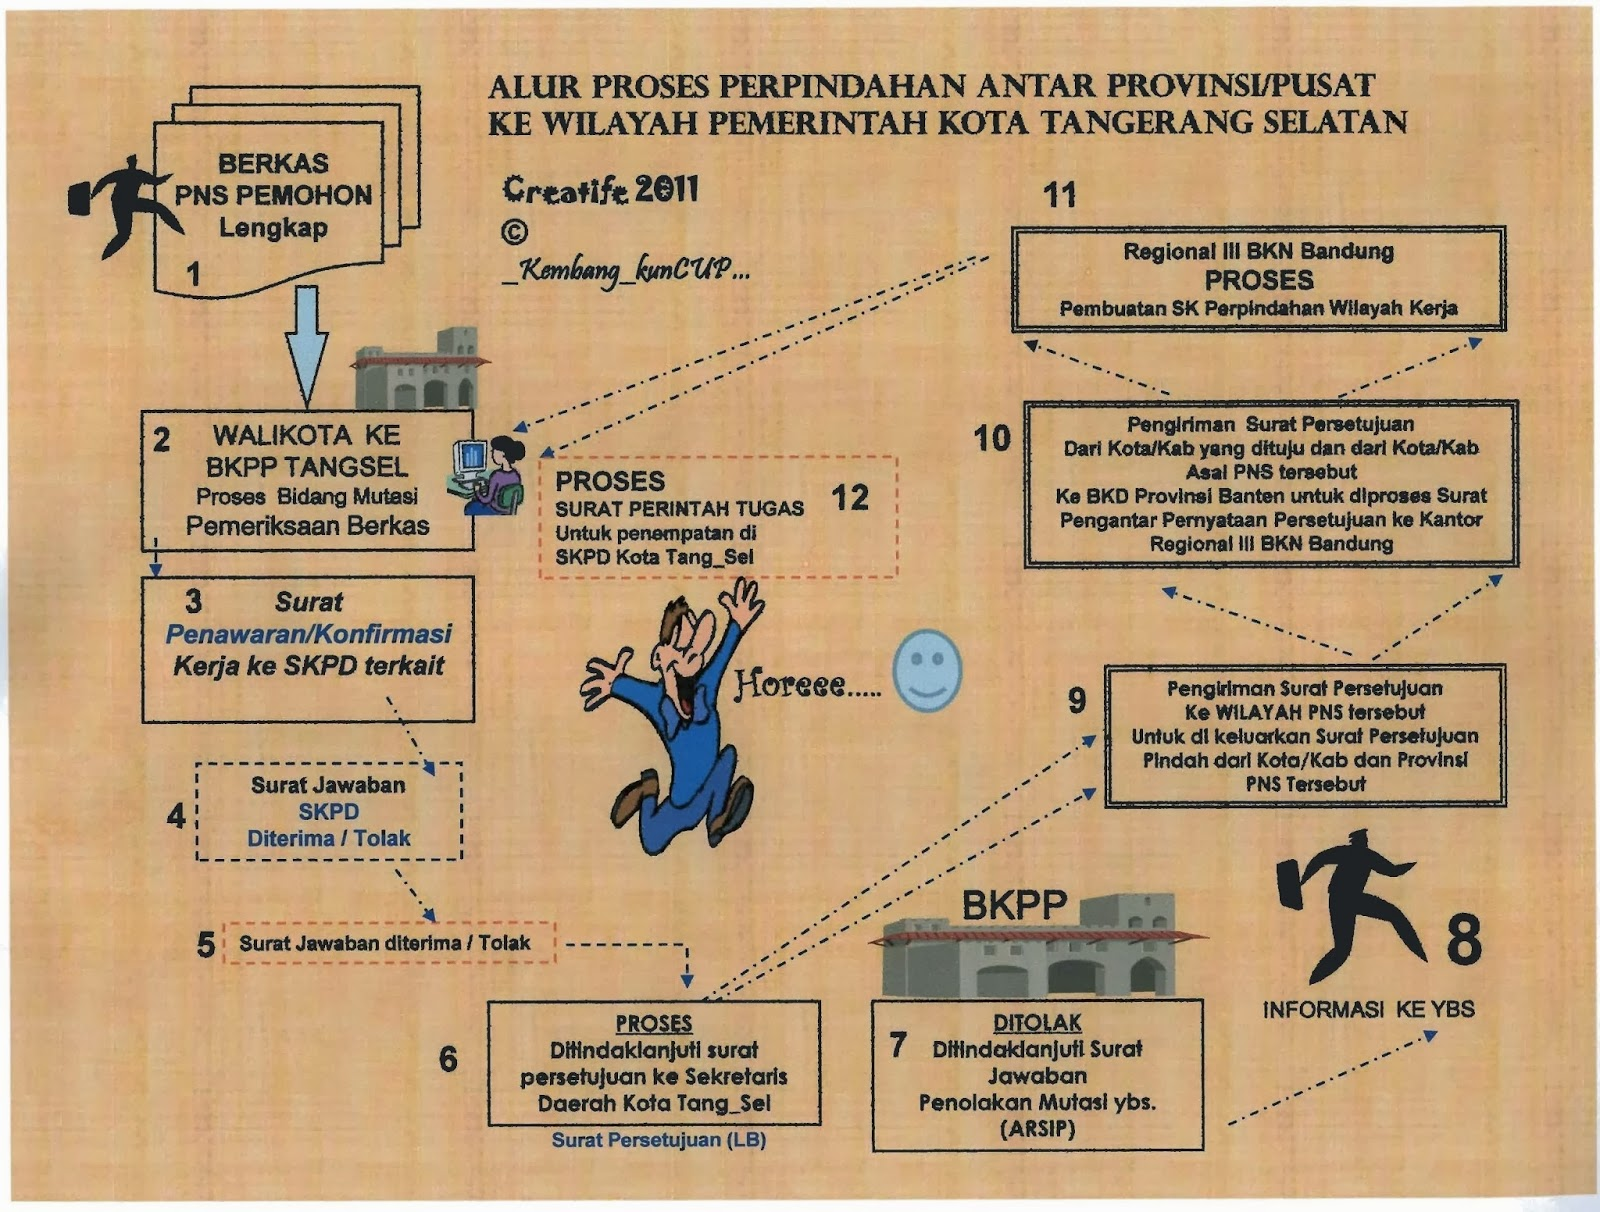 Alur Proses Perpindahan Antar Propinsi / Pusat ke Wilayah Pemerintah Kota Tangerang Selatan